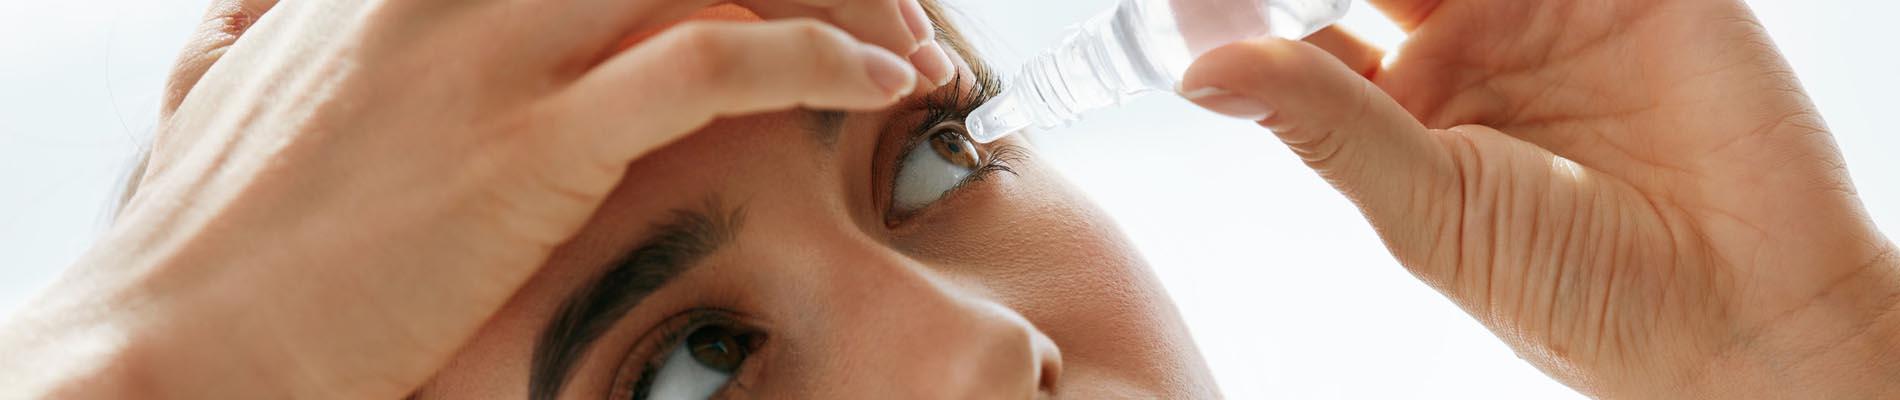 Ögonhälsa